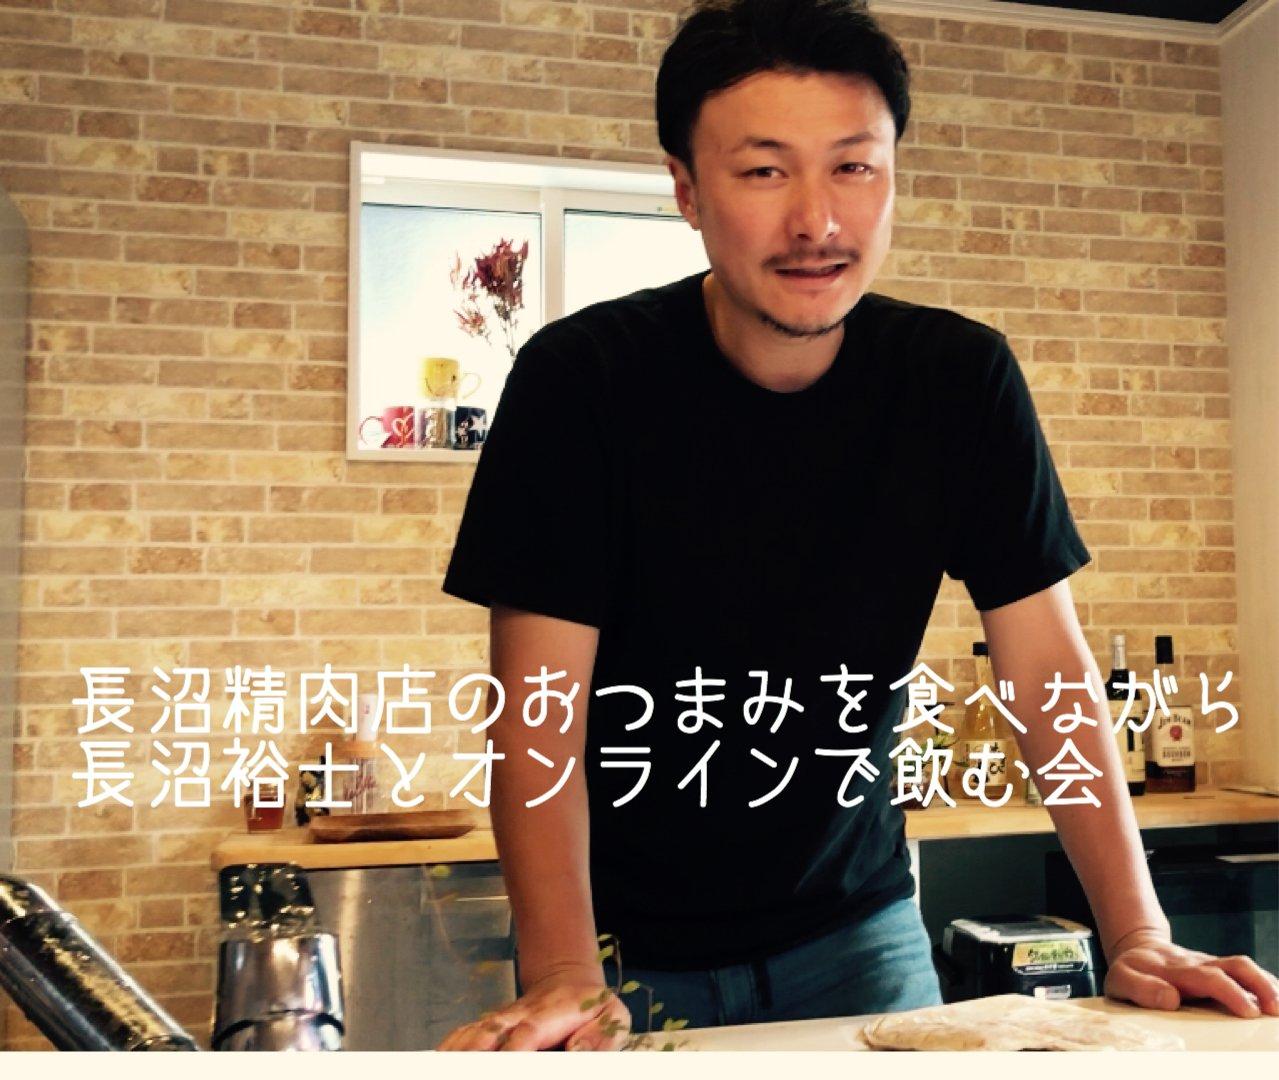 11月7日 オンラインで長沼精肉店のお惣菜のおつまみセットを食べながら飲む会のイメージその1